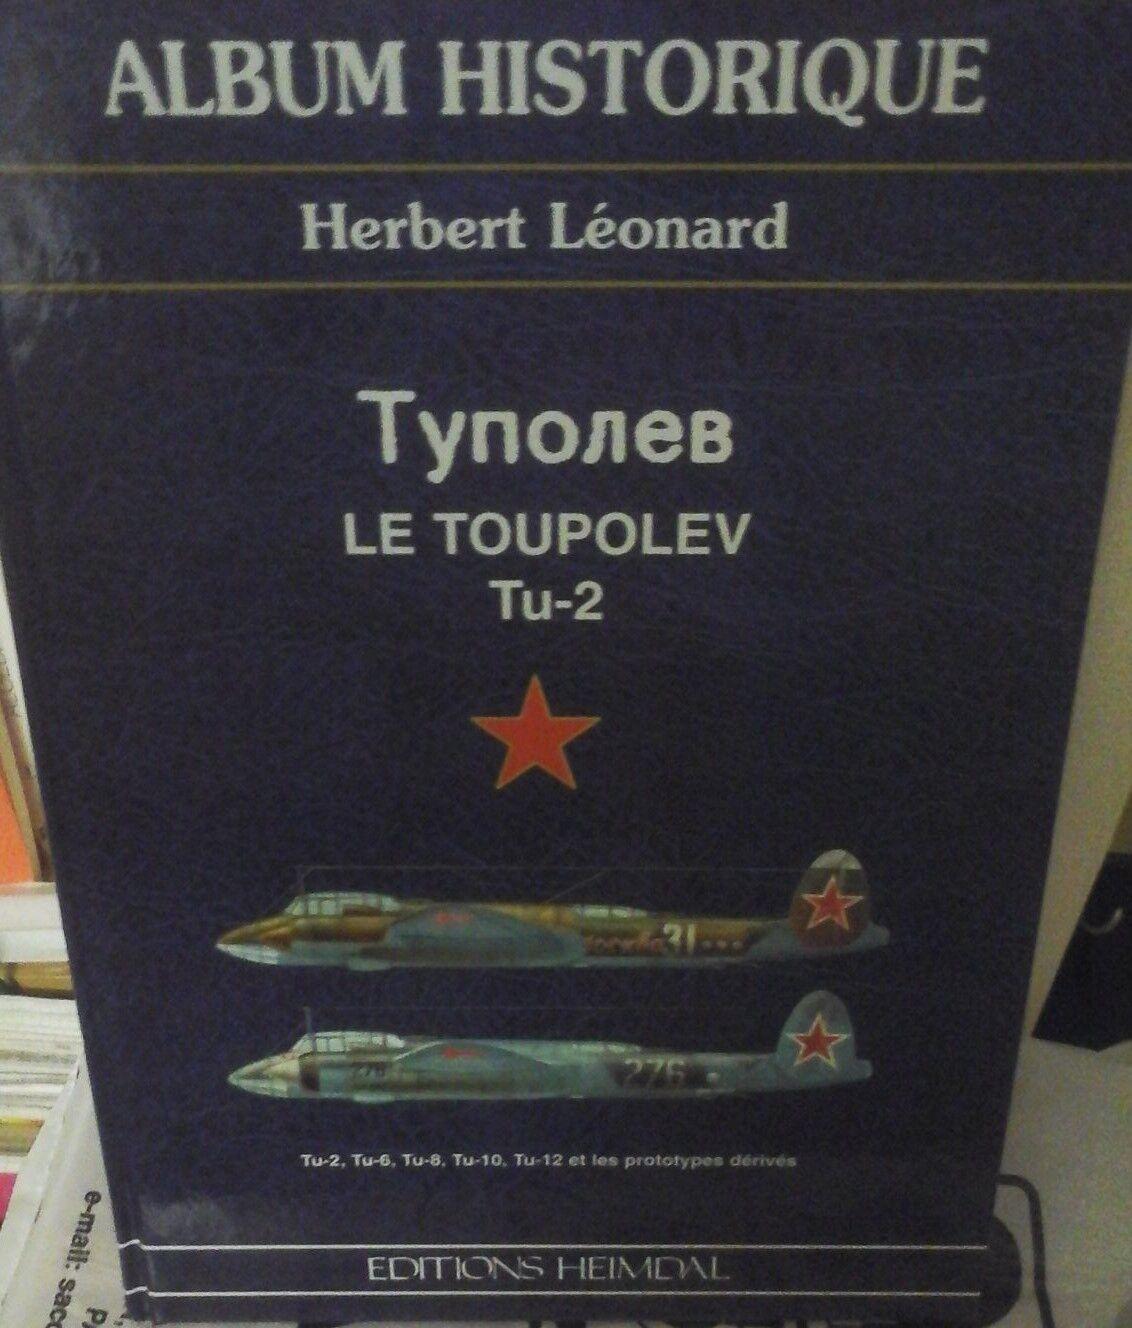 LE TOUPOLEV TU-2 6 8 10 12 & PROTYPES HISTORIQUE -BY H. LEONARD- HEIMDAL PUBLISH